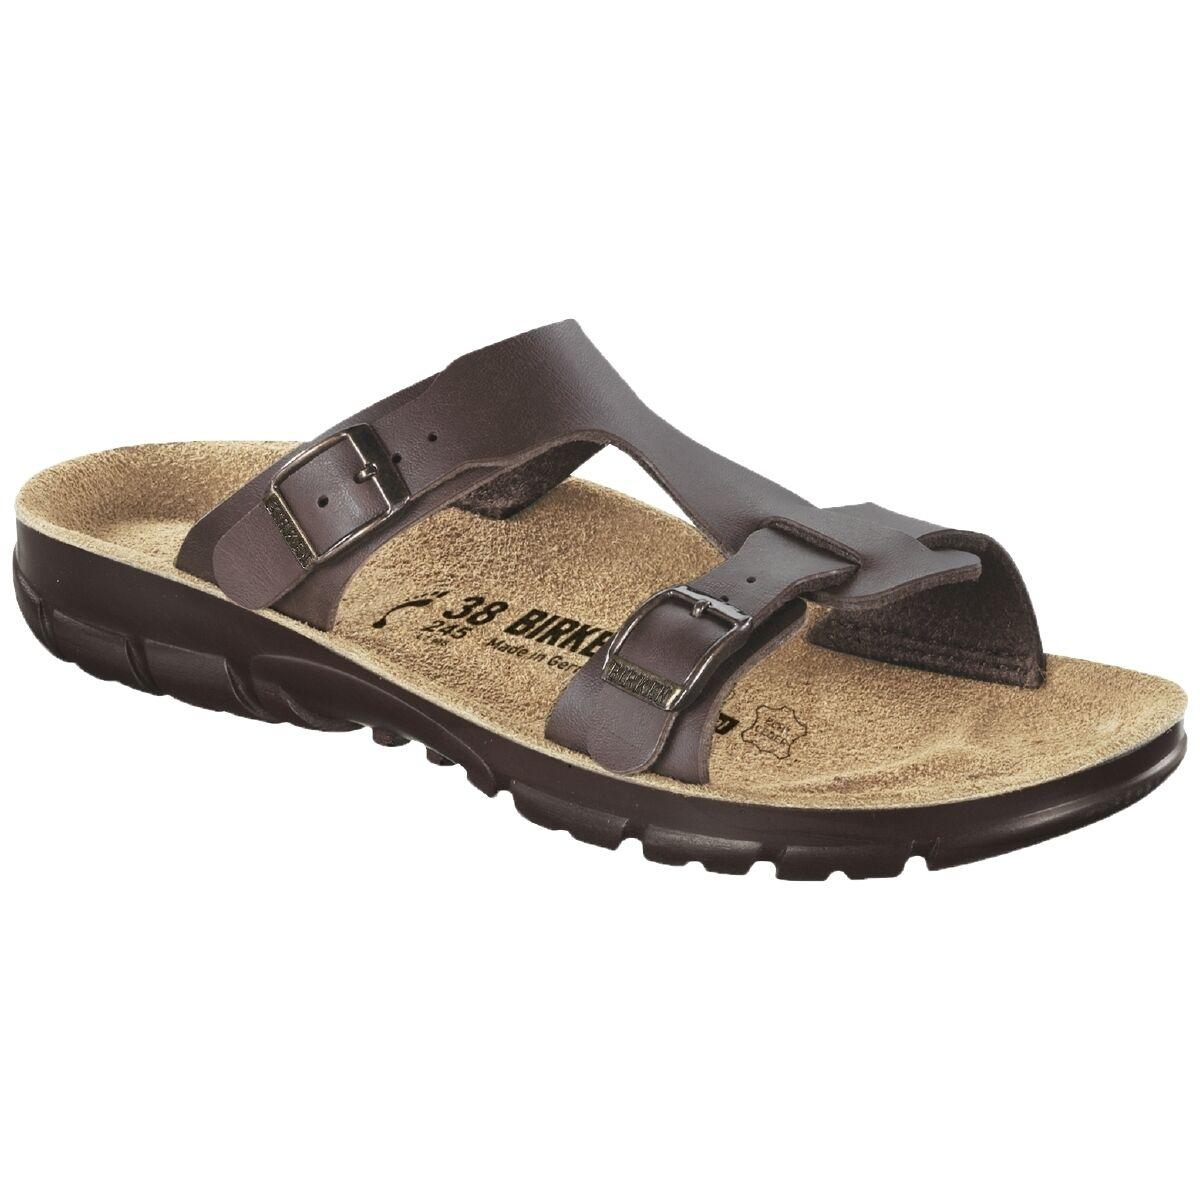 Birkenstock sofía Birko-flor weichbettung zapatos sandalia ancho 263143 estrecho